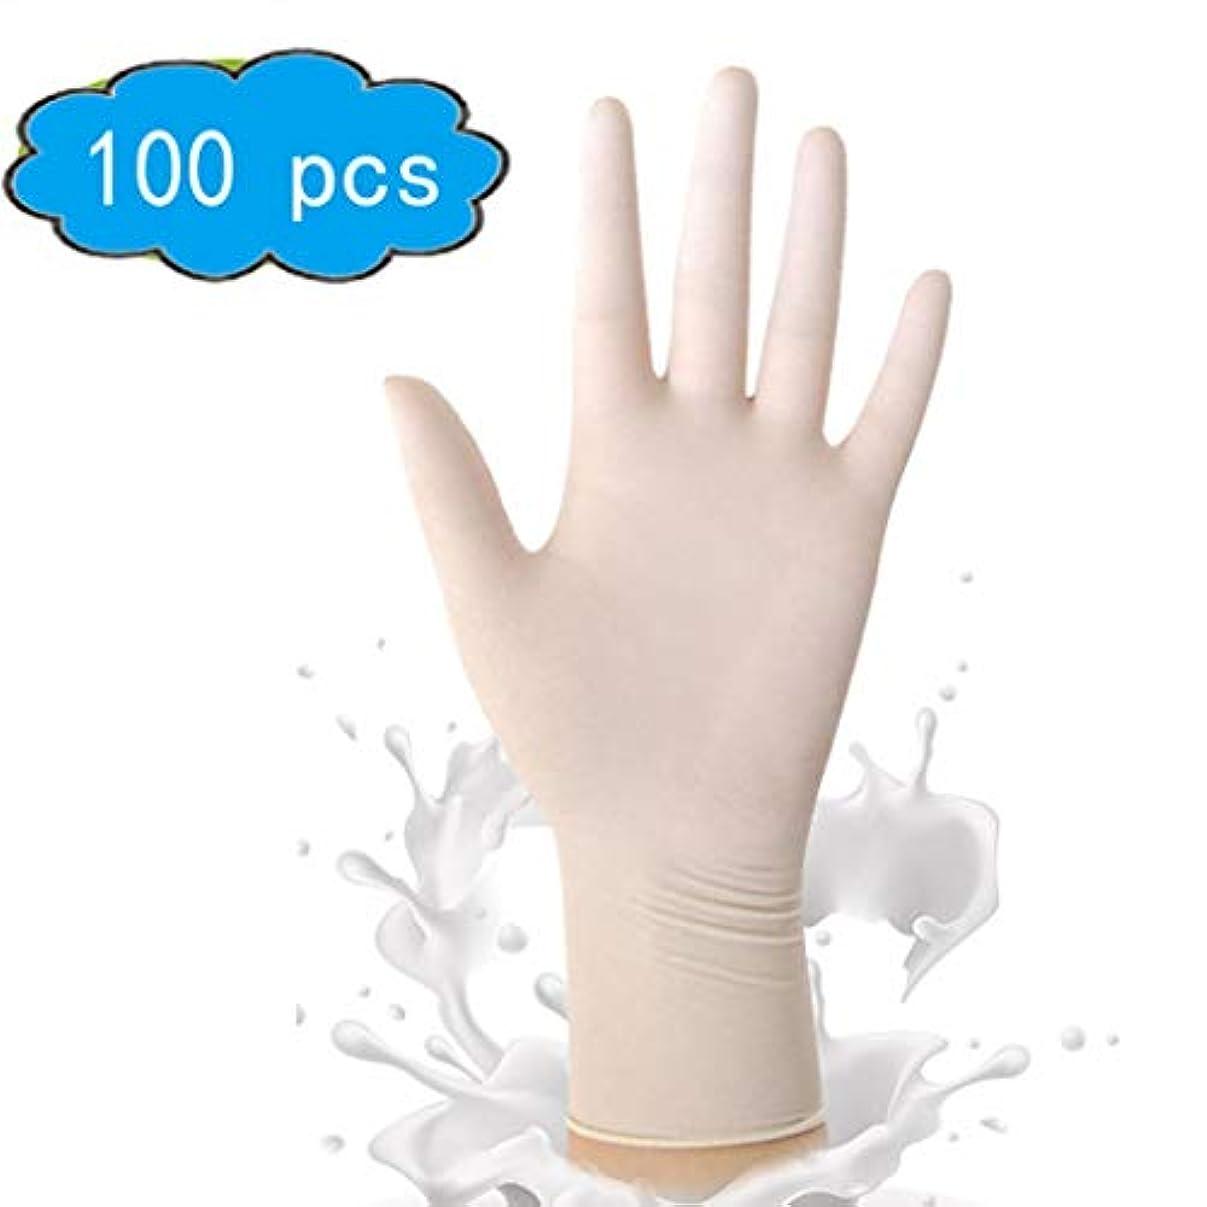 計り知れない道徳教育変換使い捨てラテックス手袋-医療用グレード、パウダーフリー、ラテックスゴムフリー、使い捨て、非滅菌、食品安全、テクスチャー、白色、厚く、100個入り、サイズ大、衛生手袋 (Color : White, Size : S)